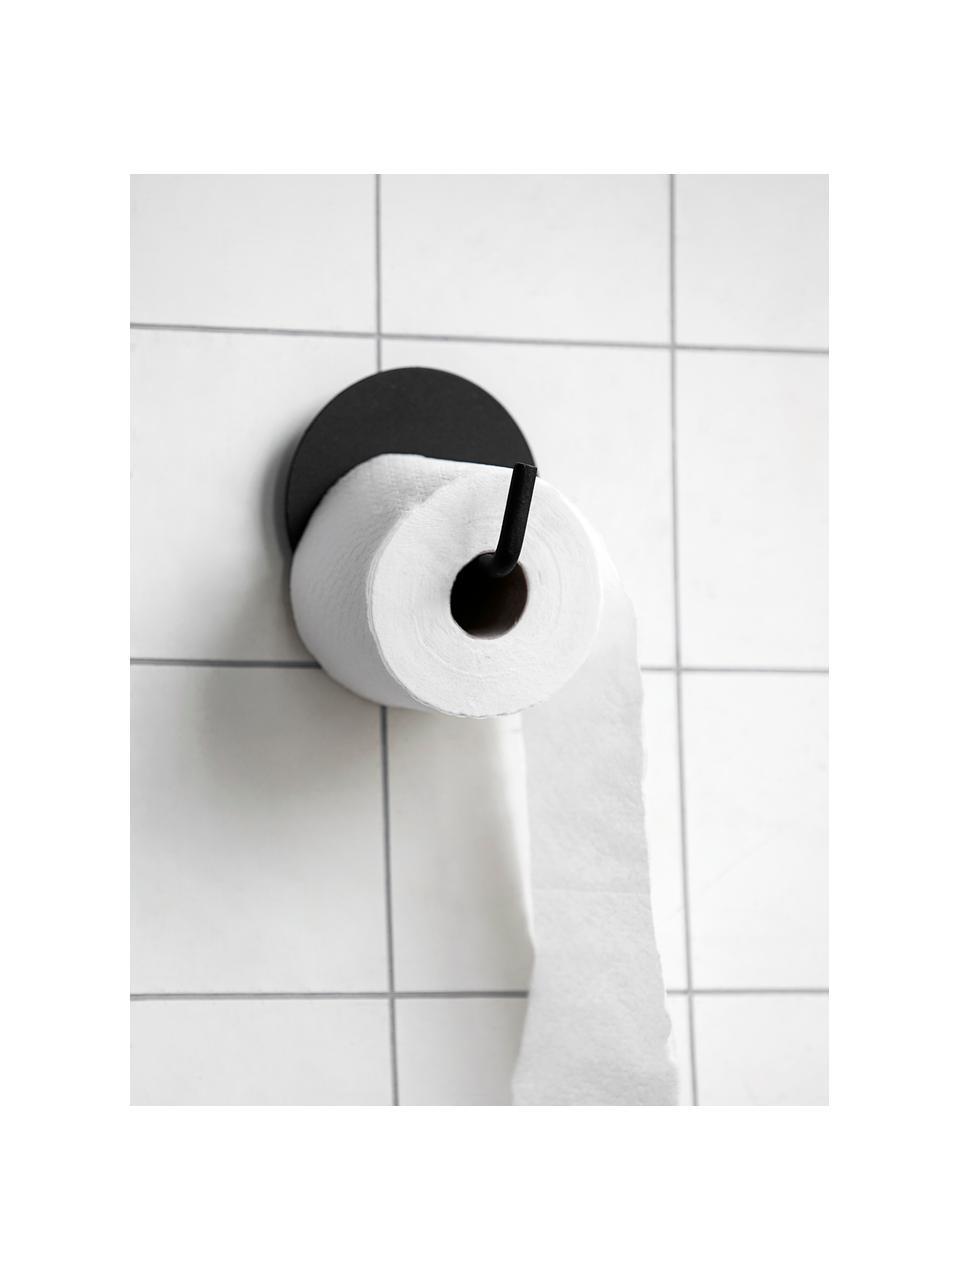 Uchwyt na papier toaletowy z metalu Lema, Aluminium powlekane, Czarny, Ø 13 x G 12 cm